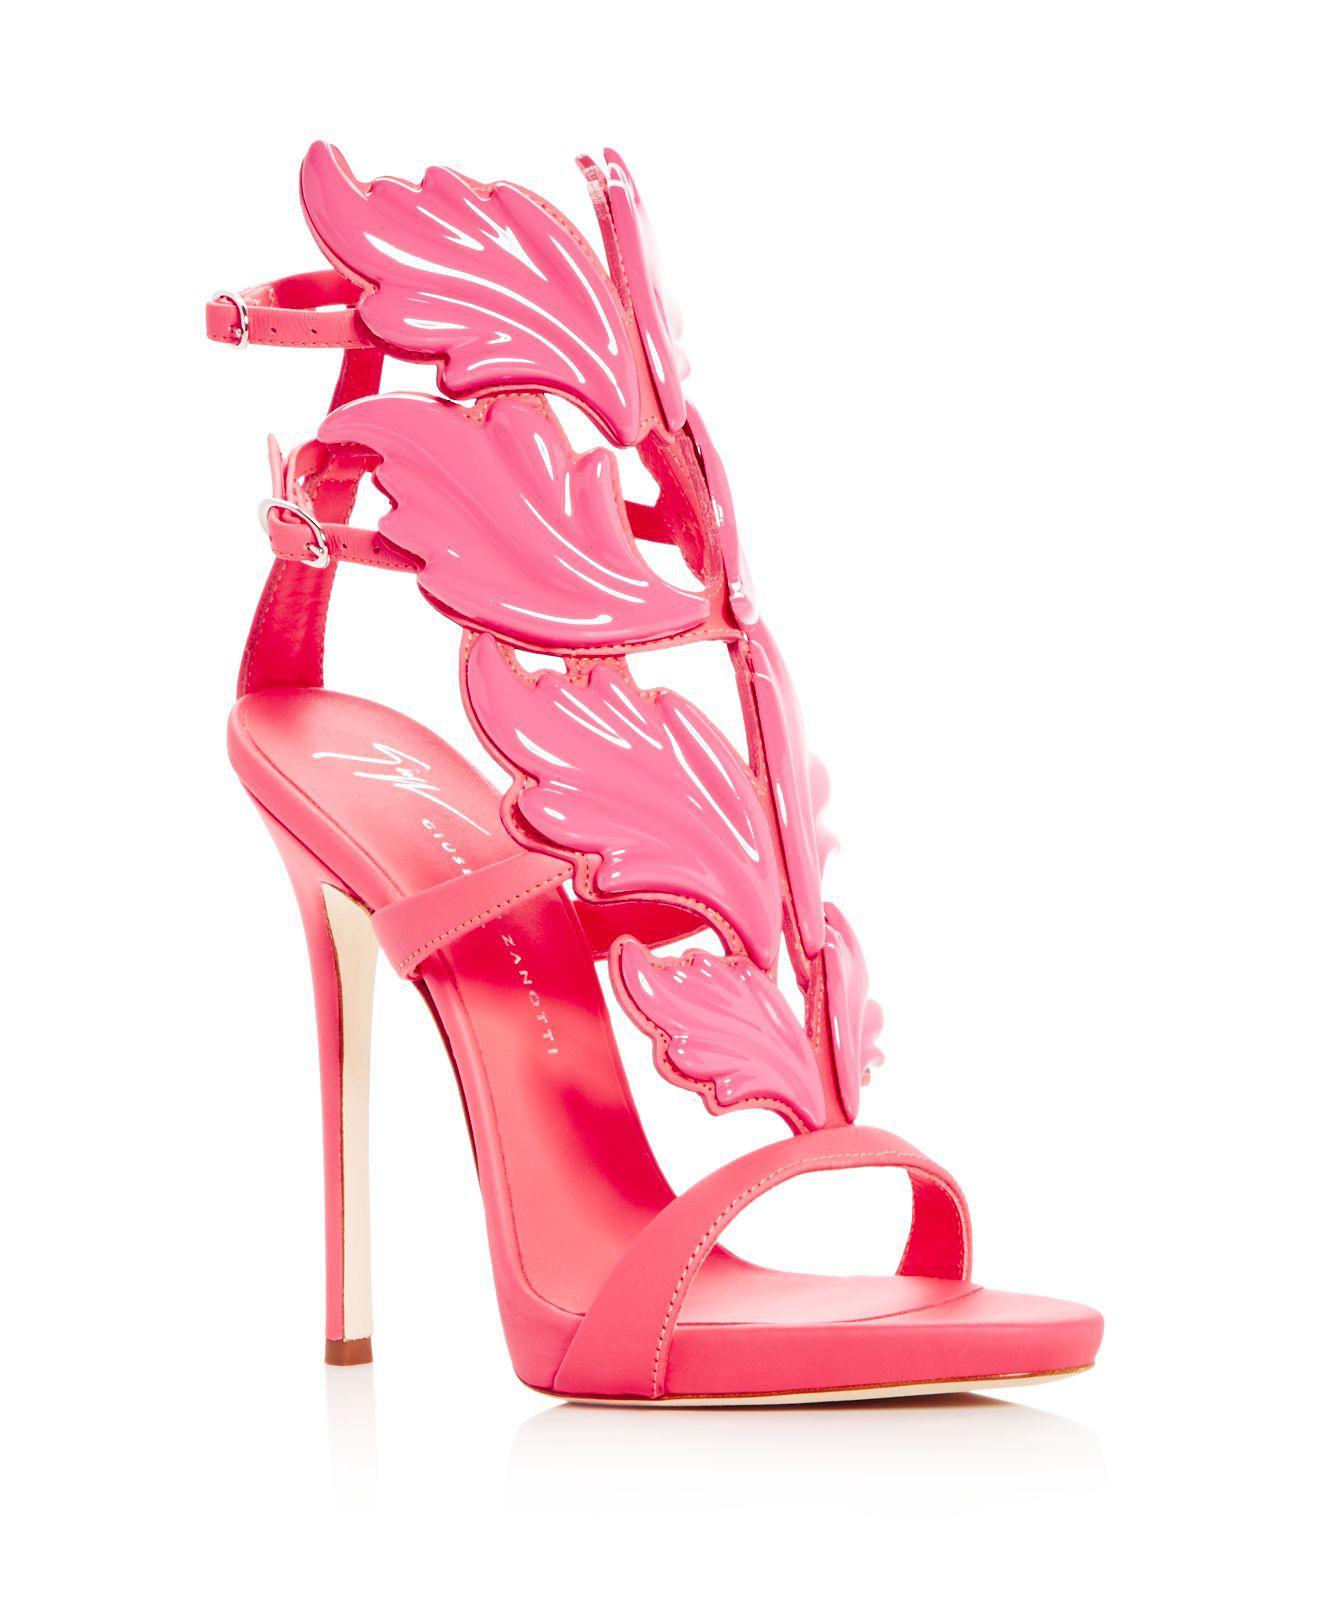 Giuseppe ZanottiWomen's Cruel Wing Crystal Embellished Sandal hMCLJj